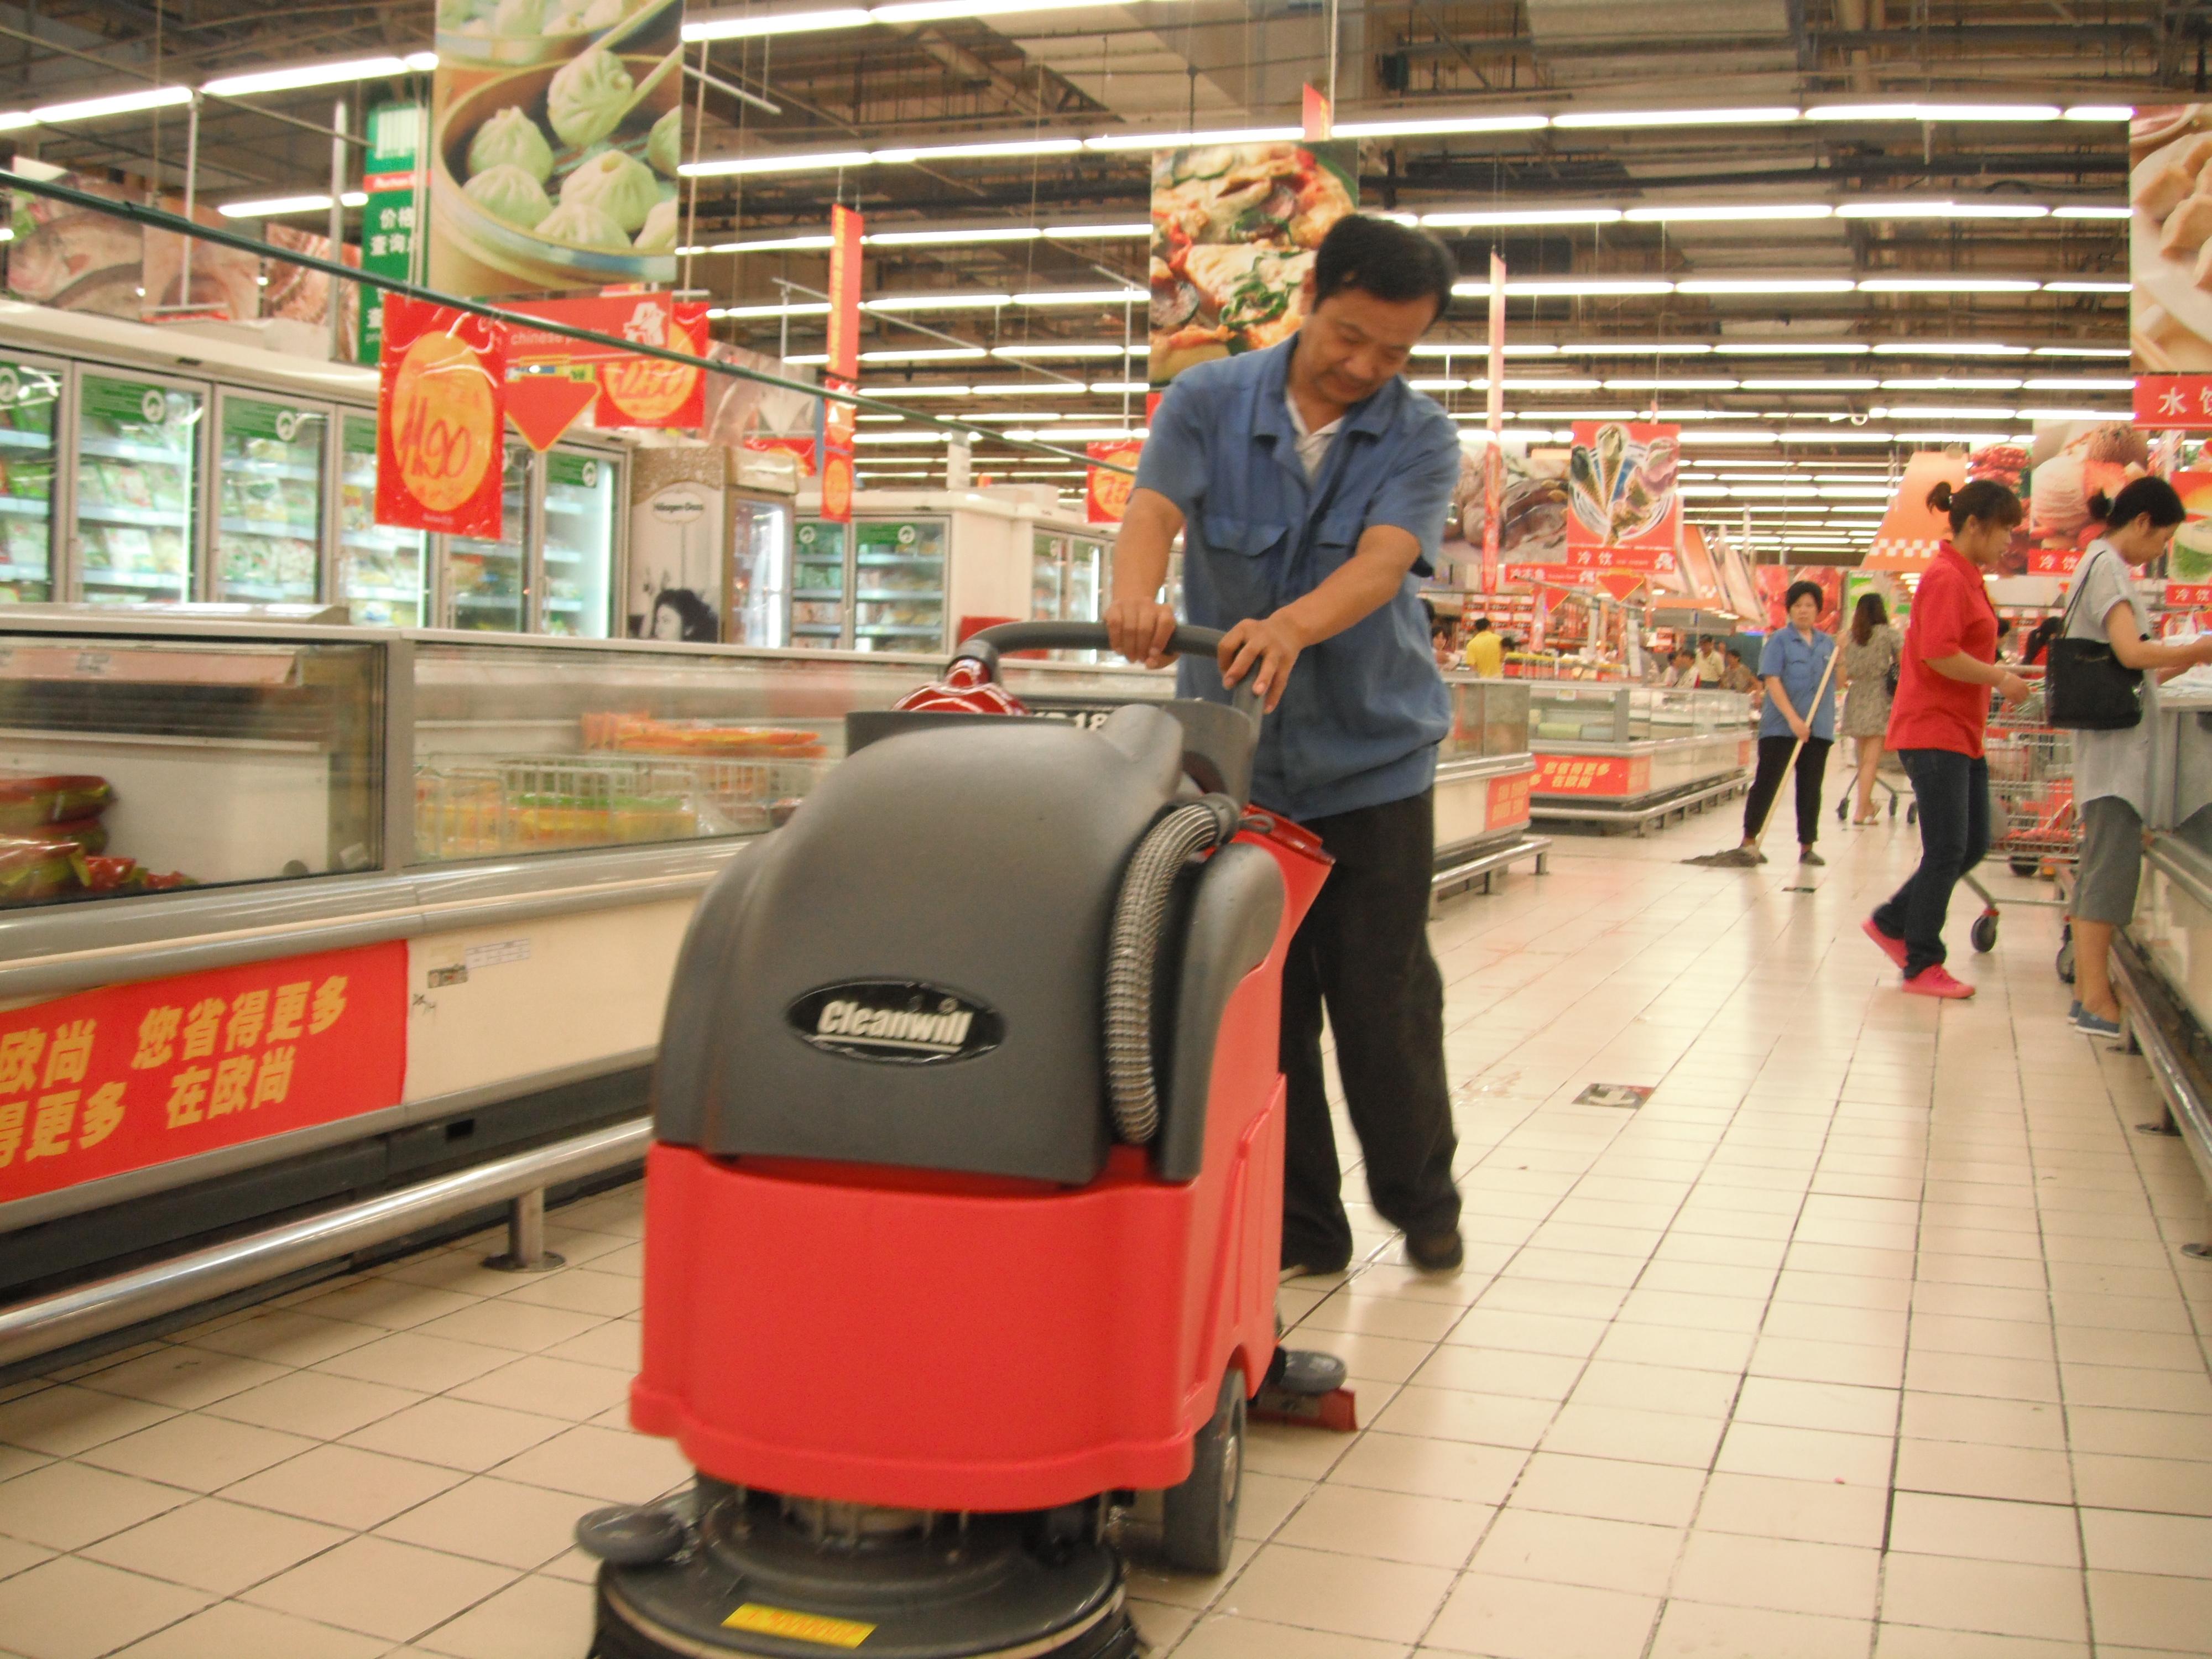 克力威手推式洗地机半自动洗地机XD18W63